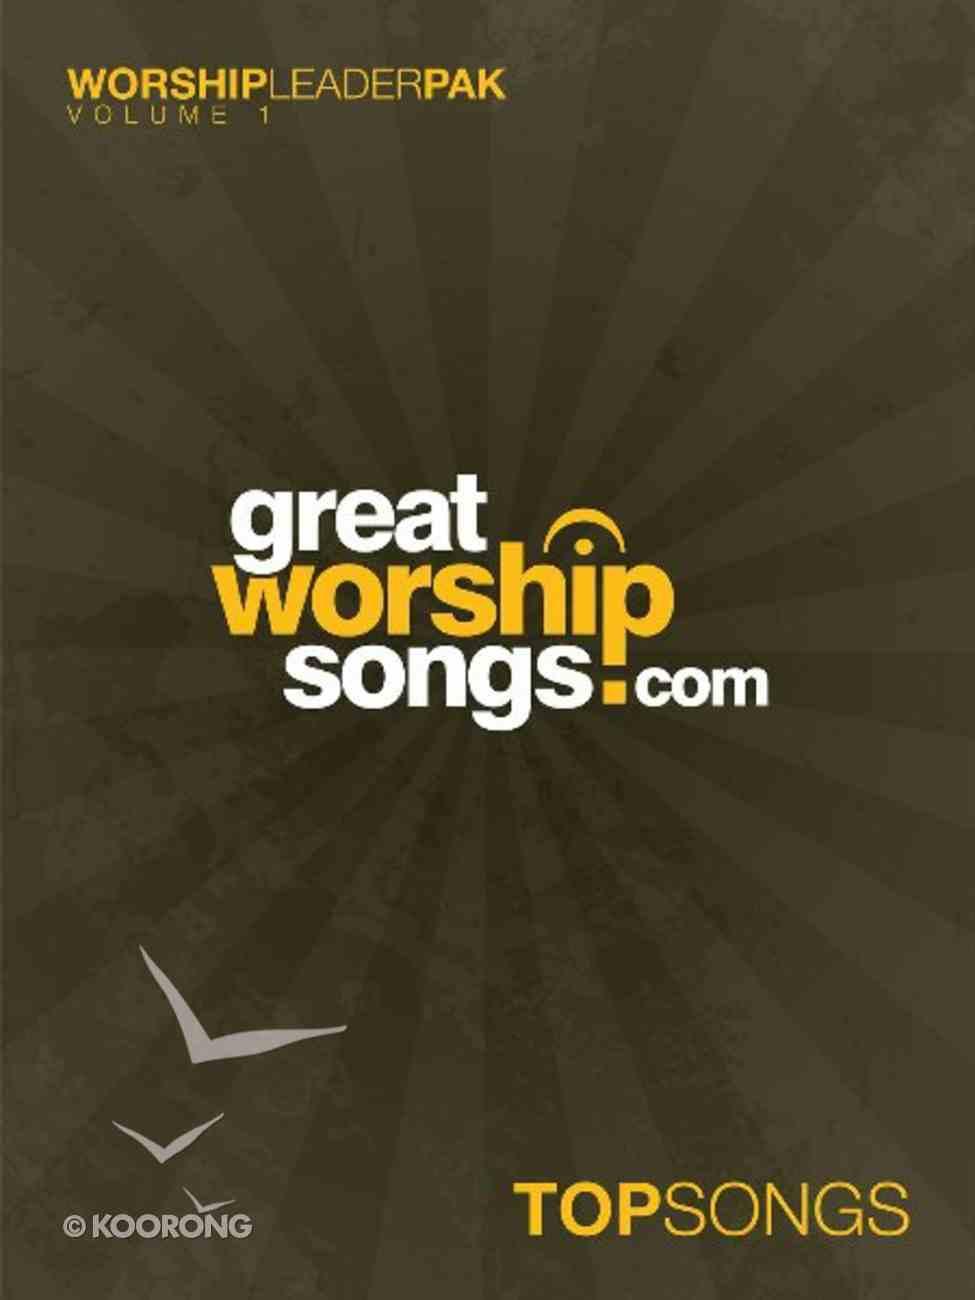 Great Worship Songs.Com Top Songs Volume 1 Songbook Paperback